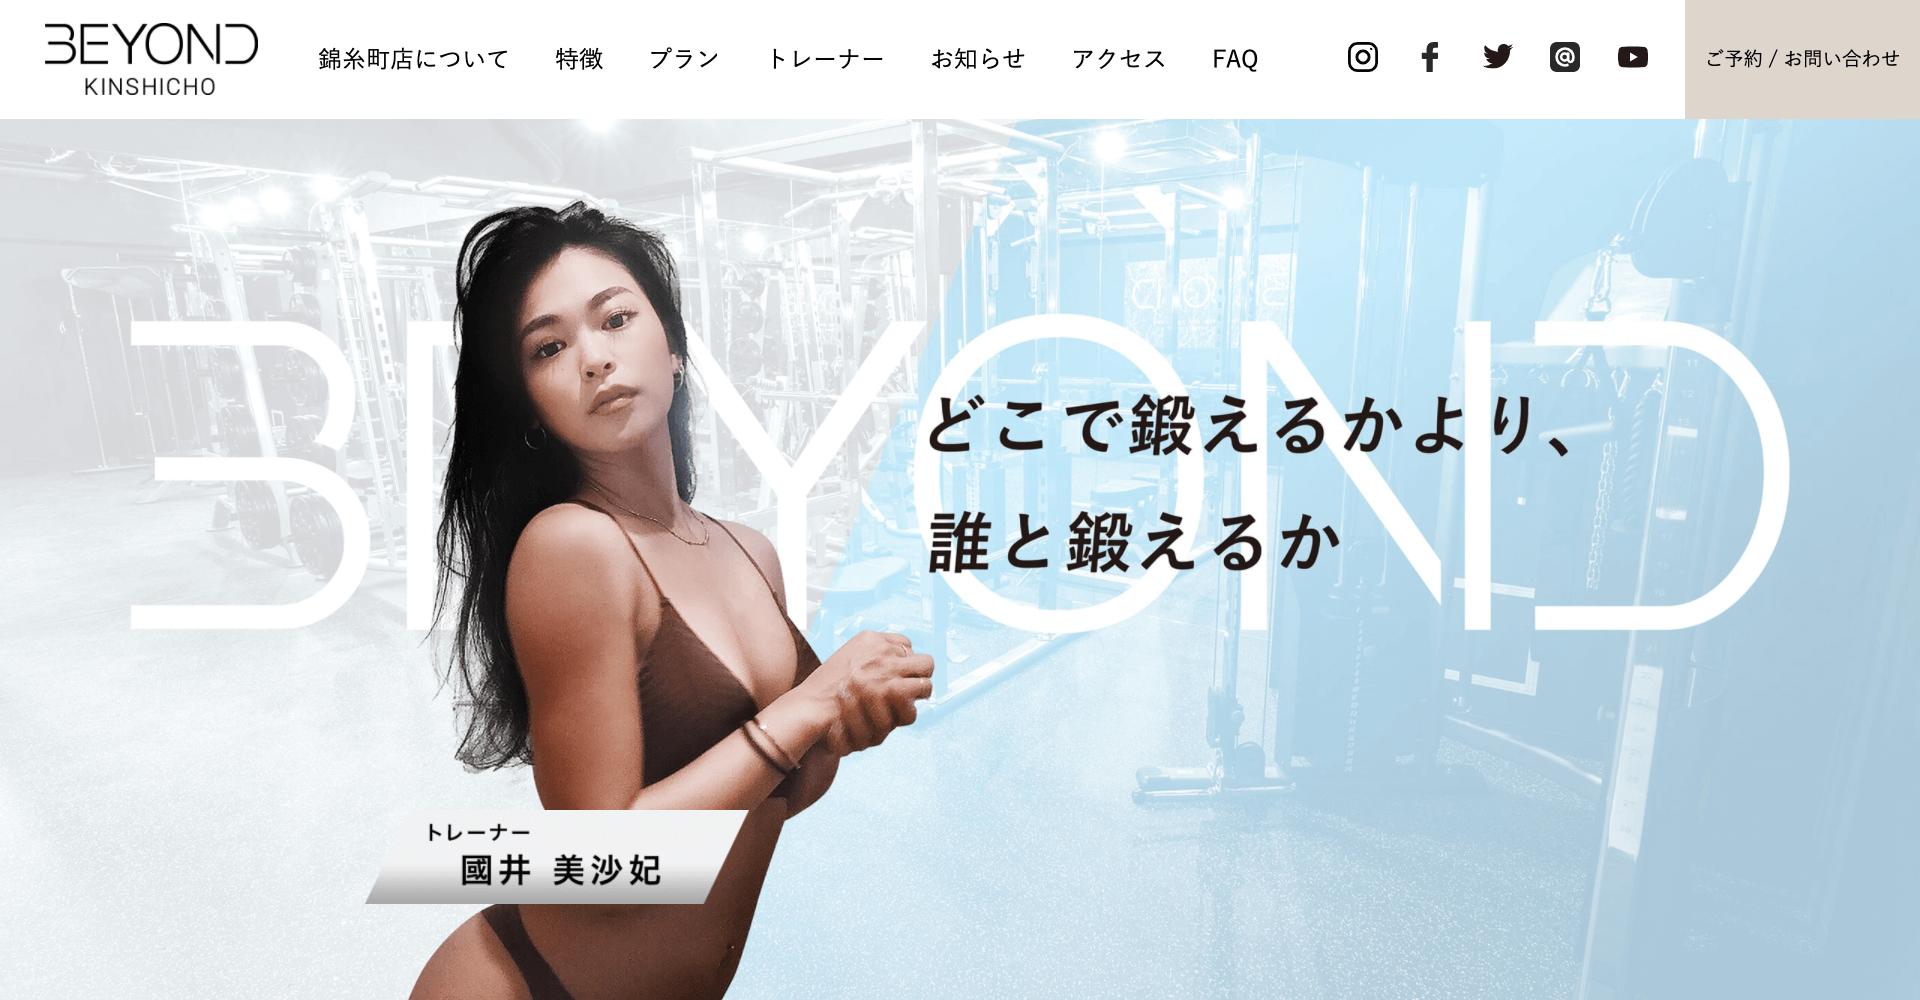 BEYOND(ビヨンド)ジム 錦糸町店